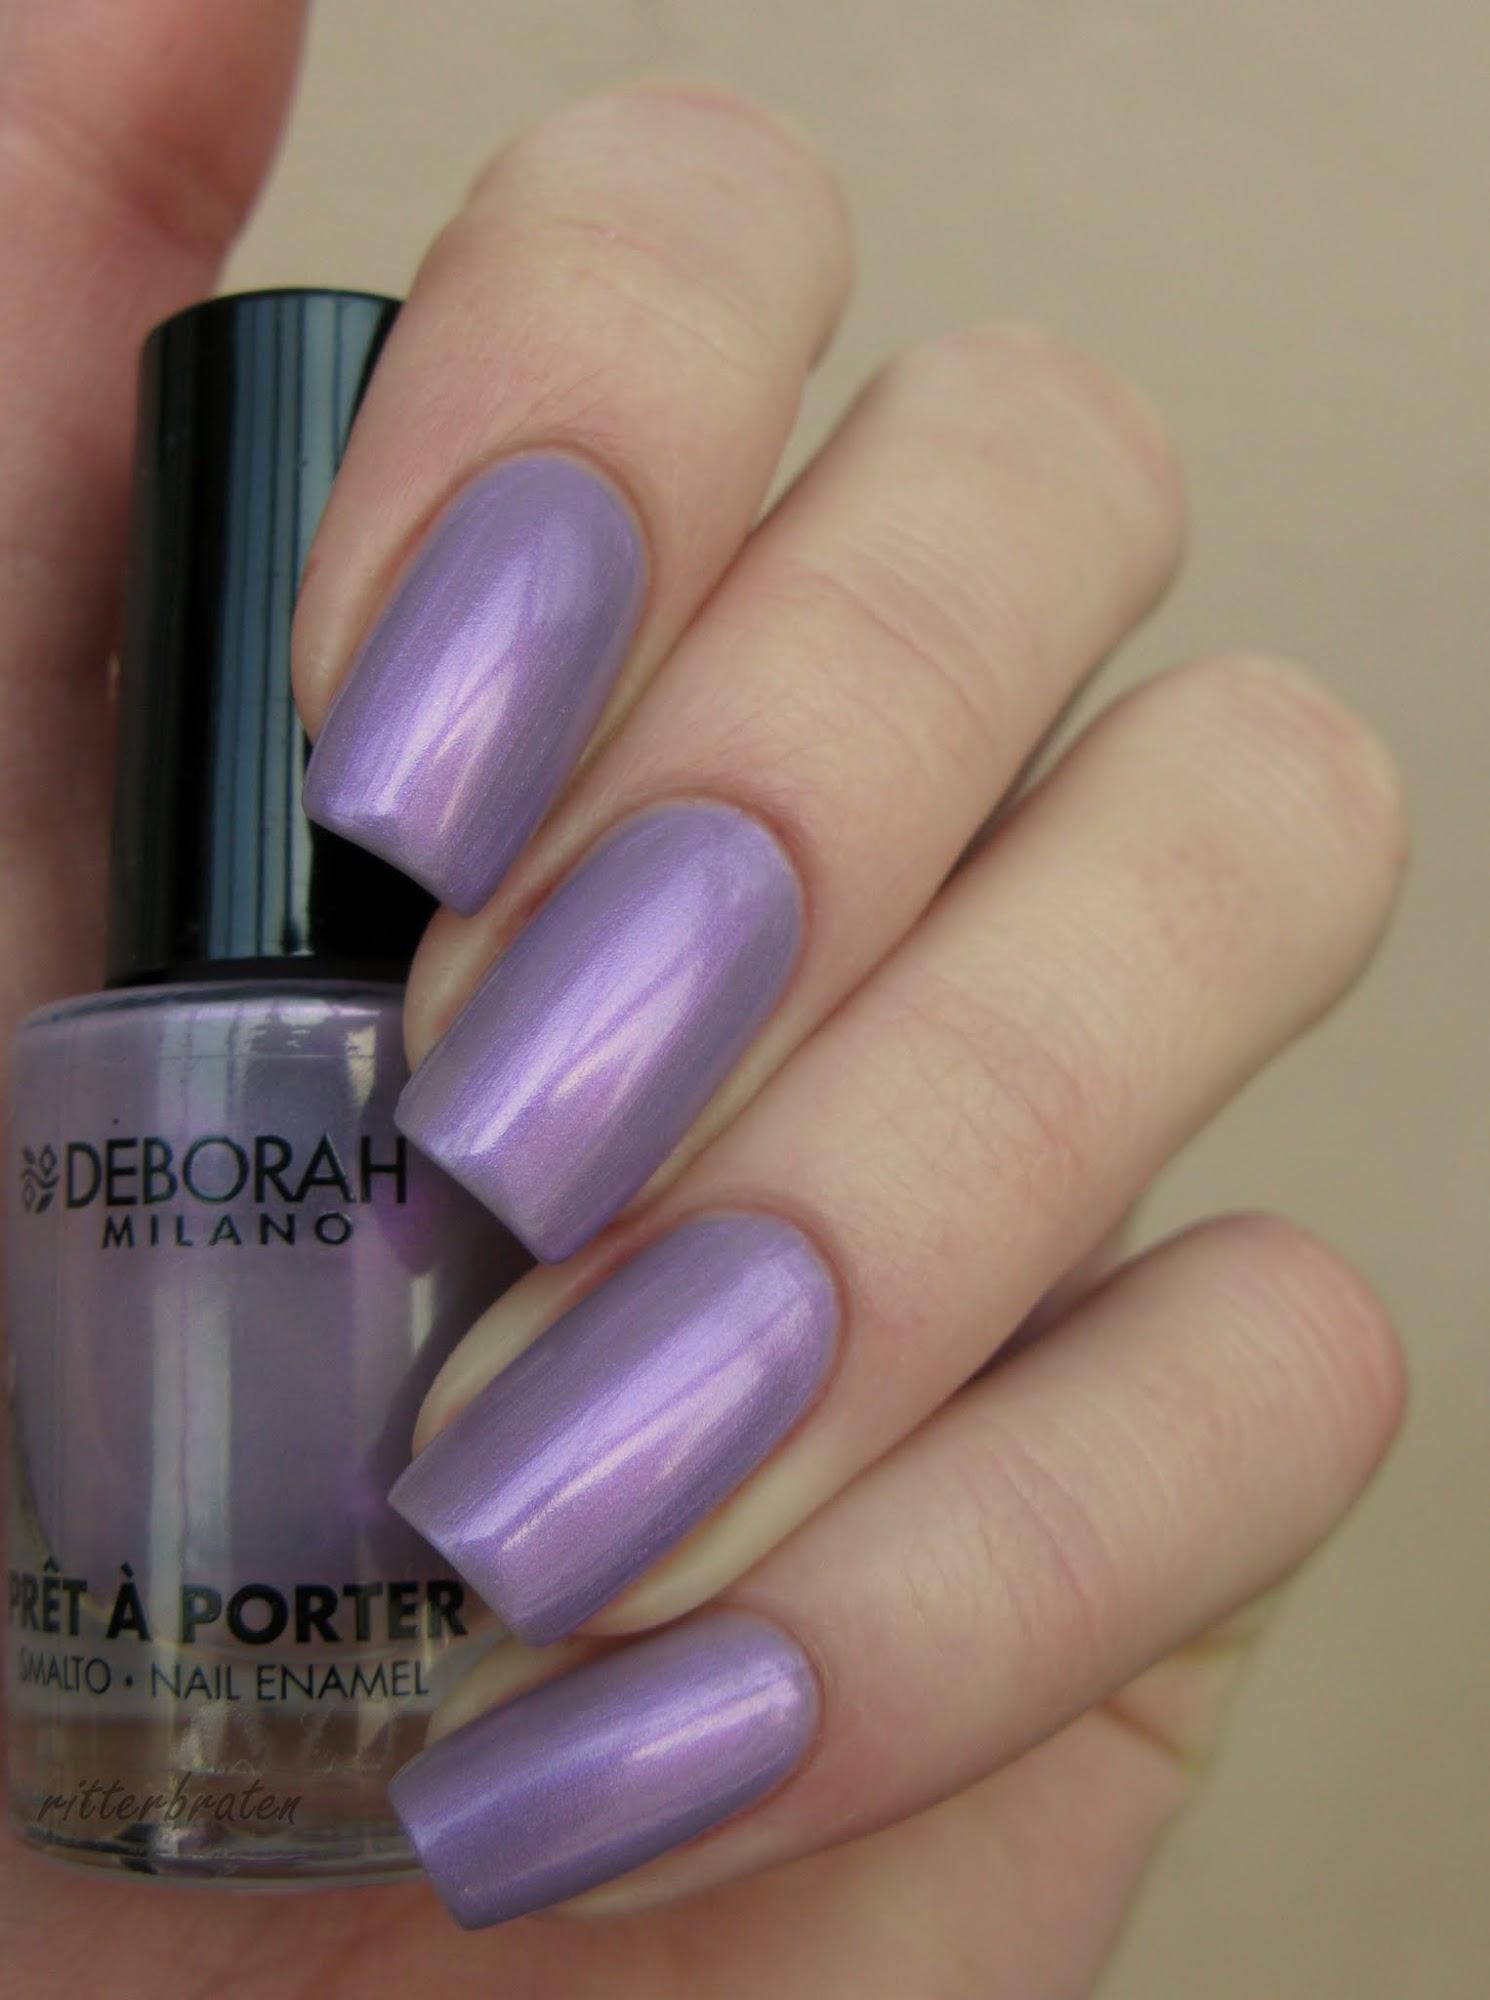 Deborah Milano Prêt À Porter Lilac Seduction